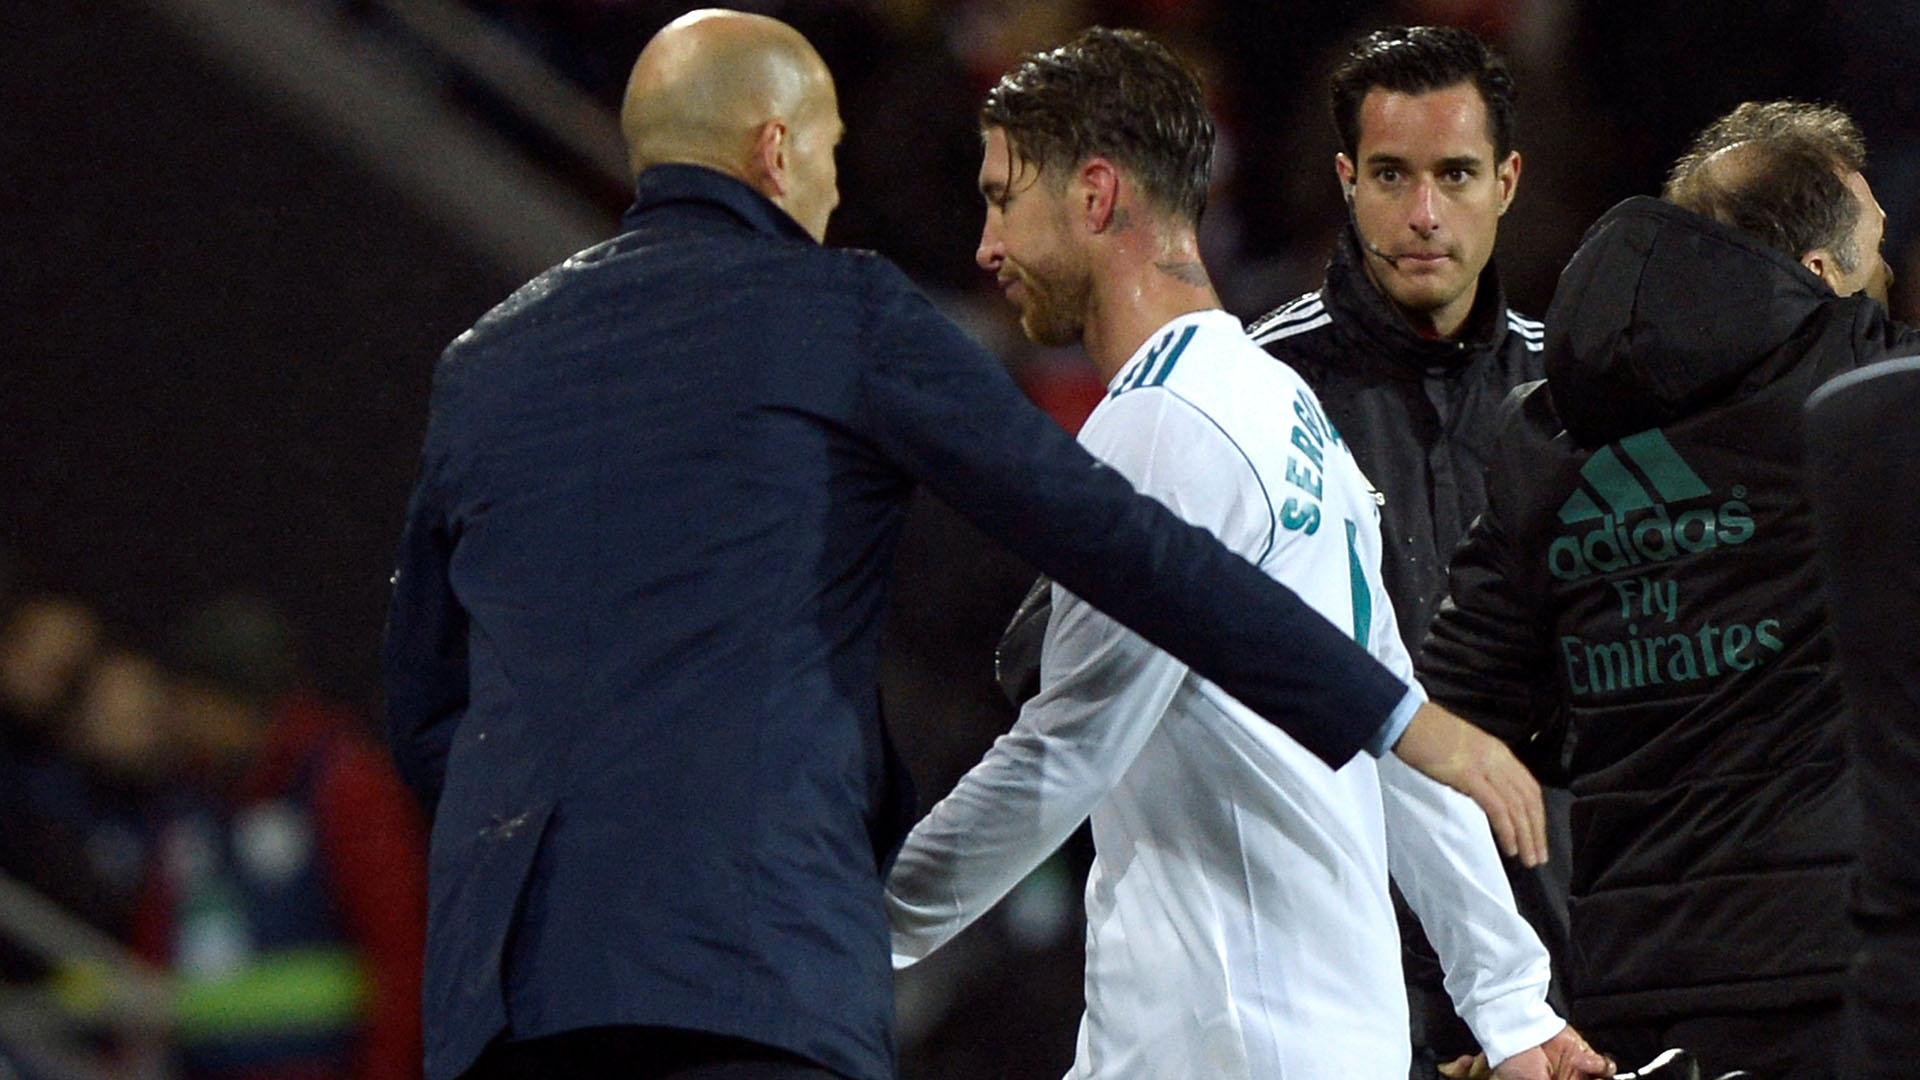 Zidane confía en su plantilla y en el último mercado de pases rechazó la llegada de refuerzos (REUTERS)